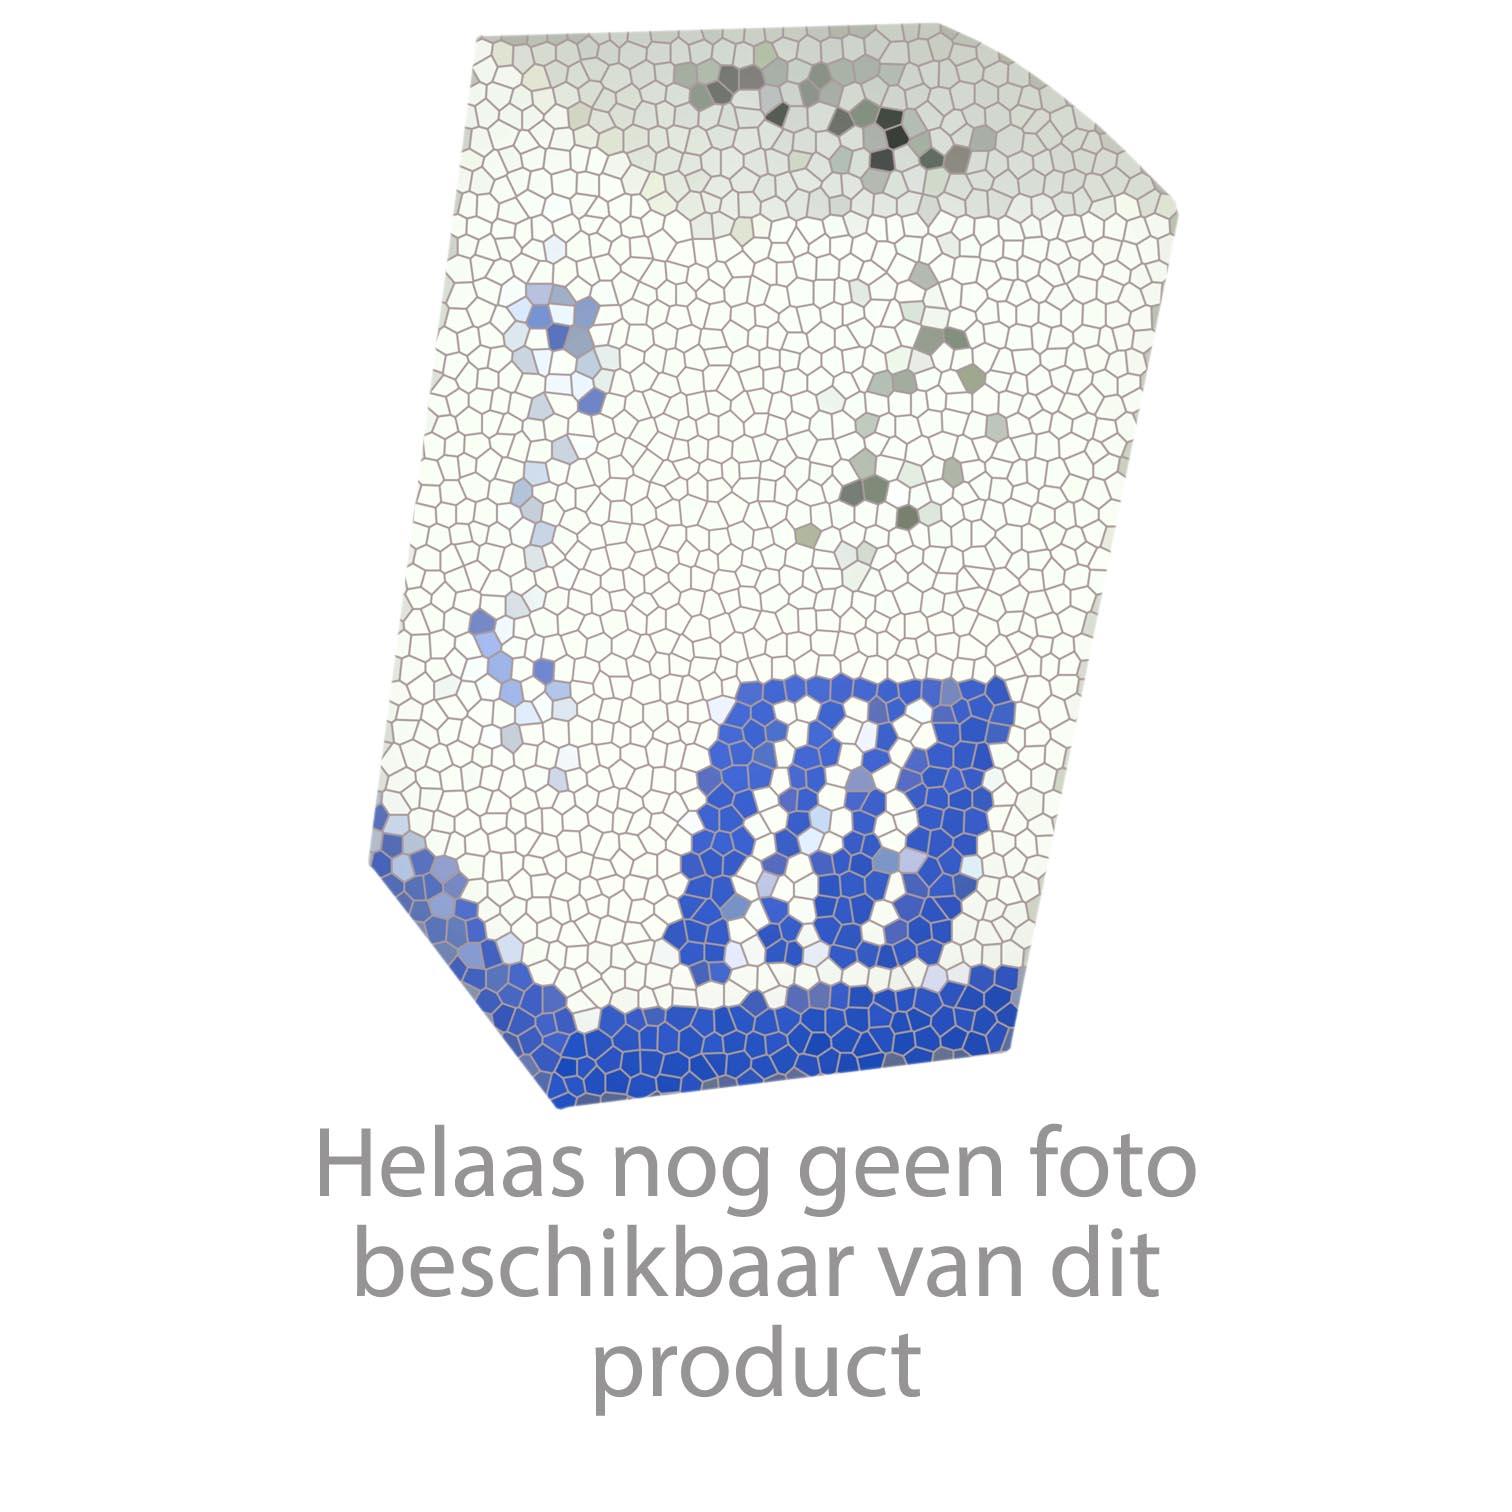 HansGrohe Keukenmengkranen Allegra Slim productiejaar 07/96 - 12/05 31900 onderdelen